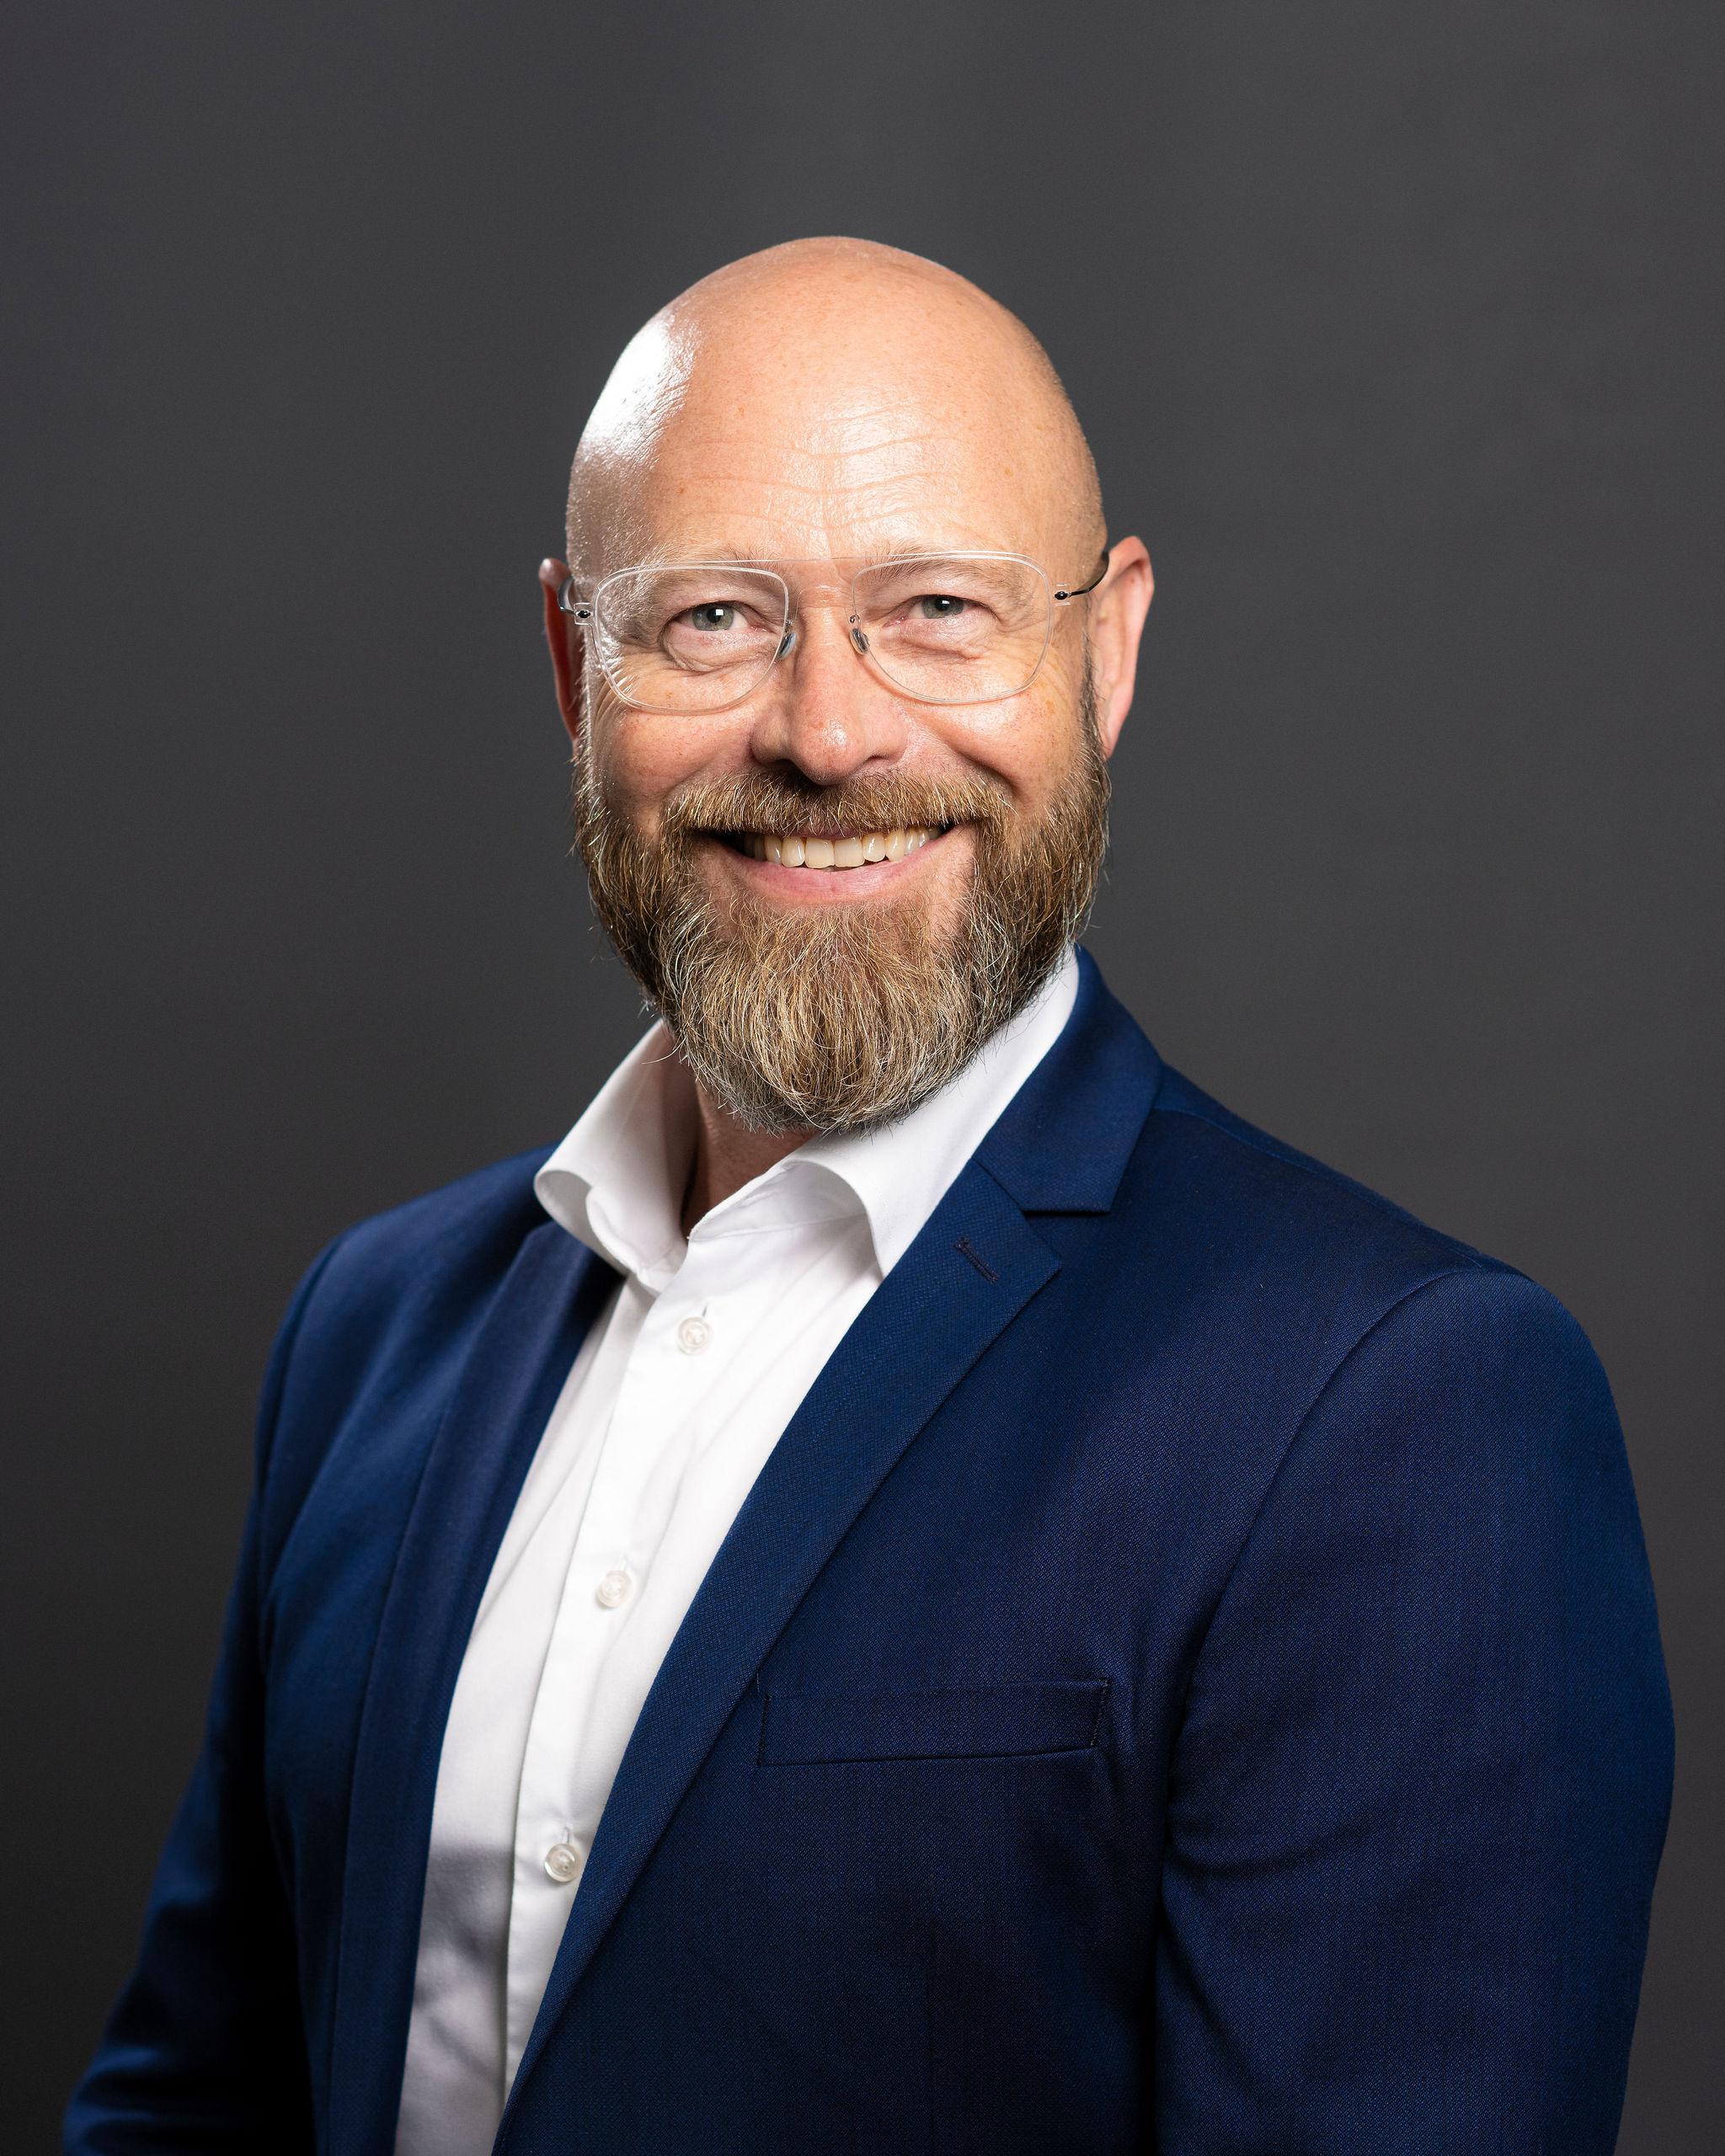 Carsten Maaberg